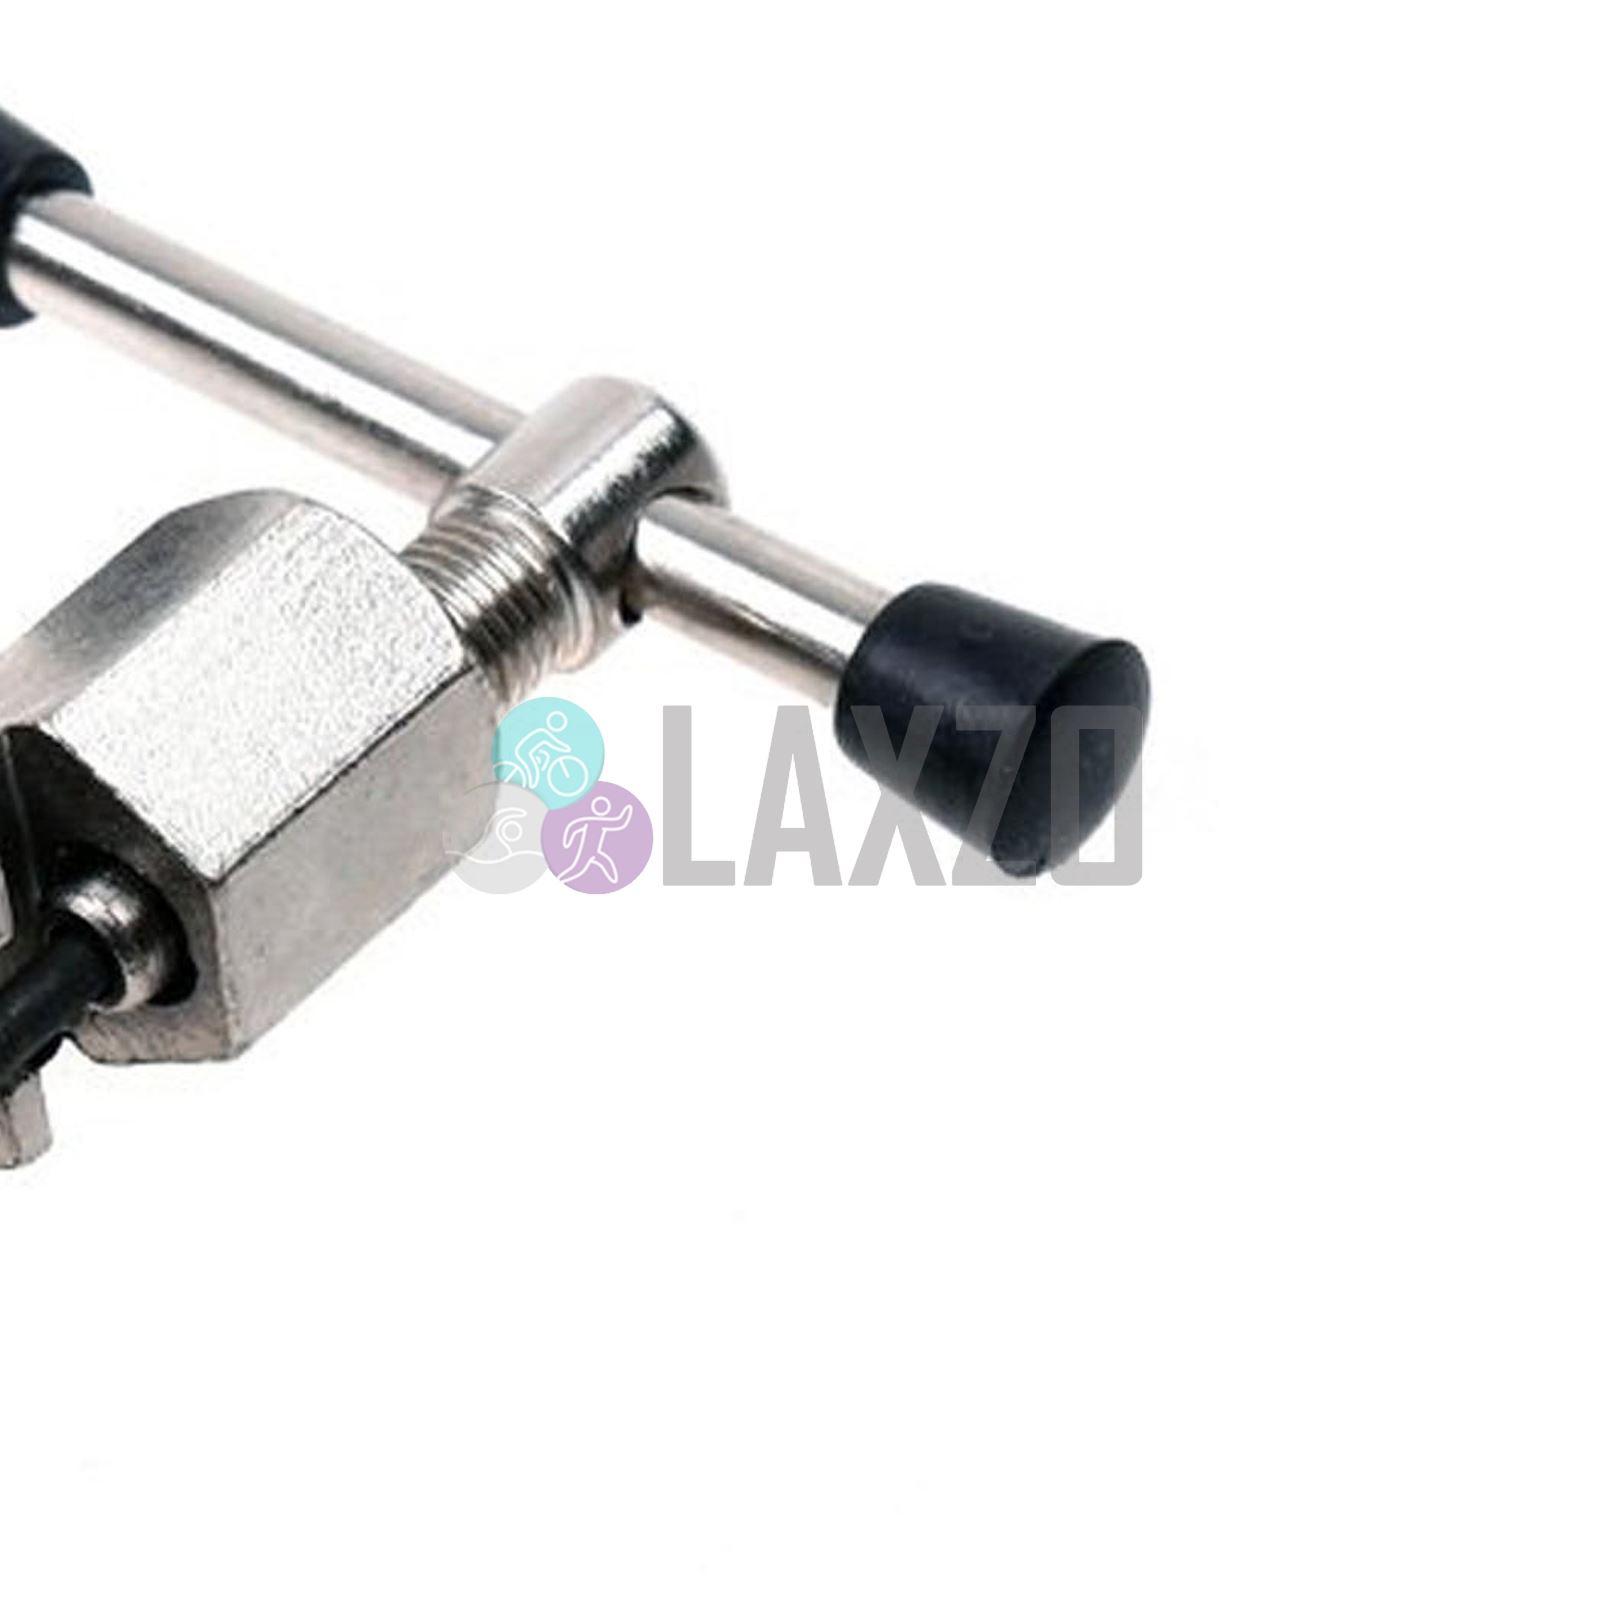 Maillon de Chaîne Outil Extracteur Rivet Pin Extracteur Break réparation vélo Bike Splitter